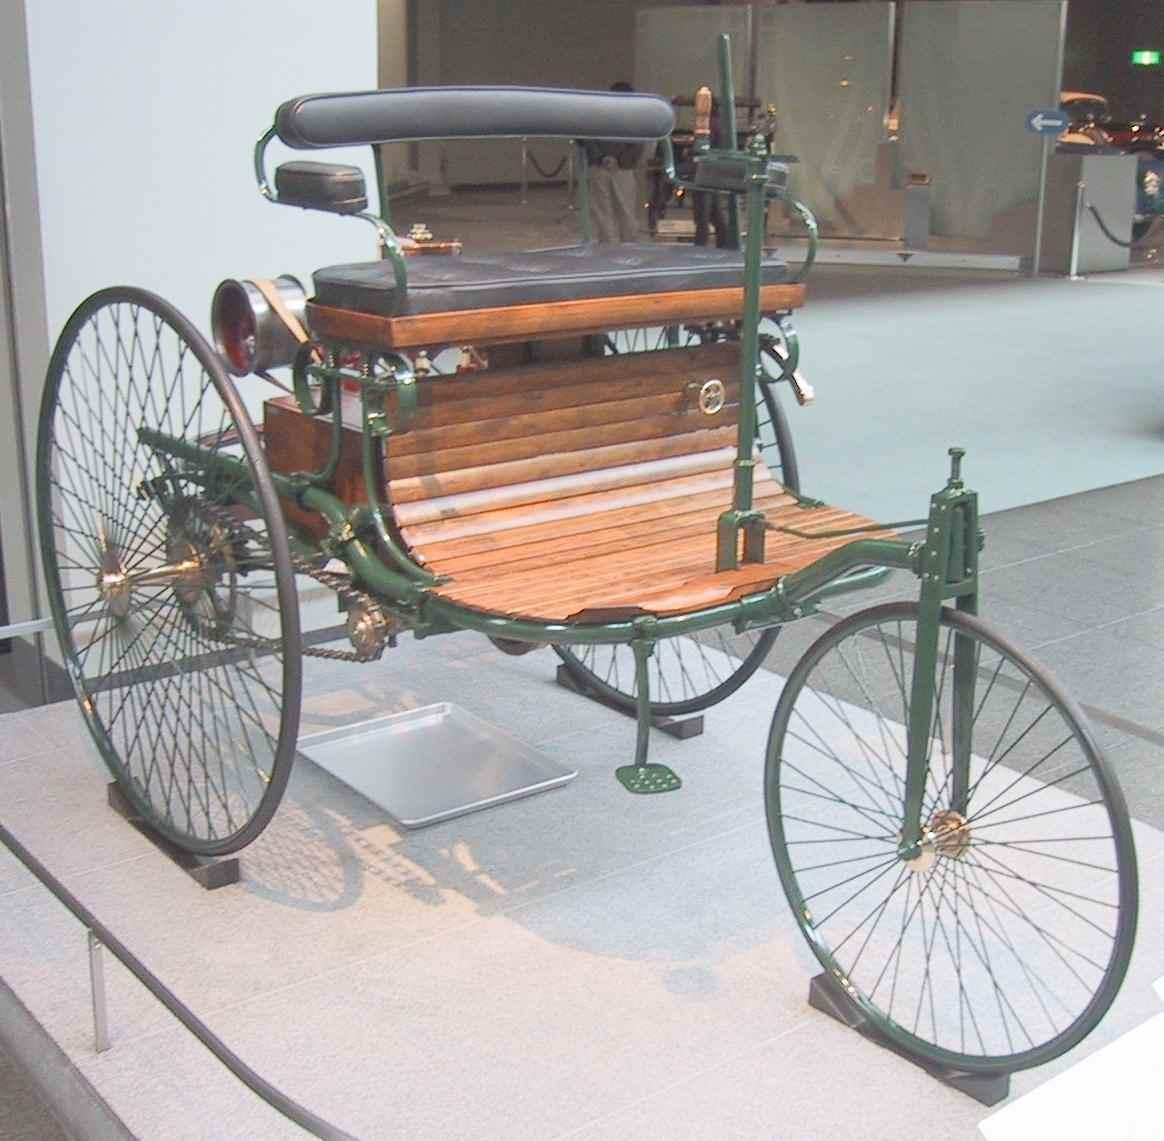 Benz_Patent_Motorwagen_1886_(Replica)